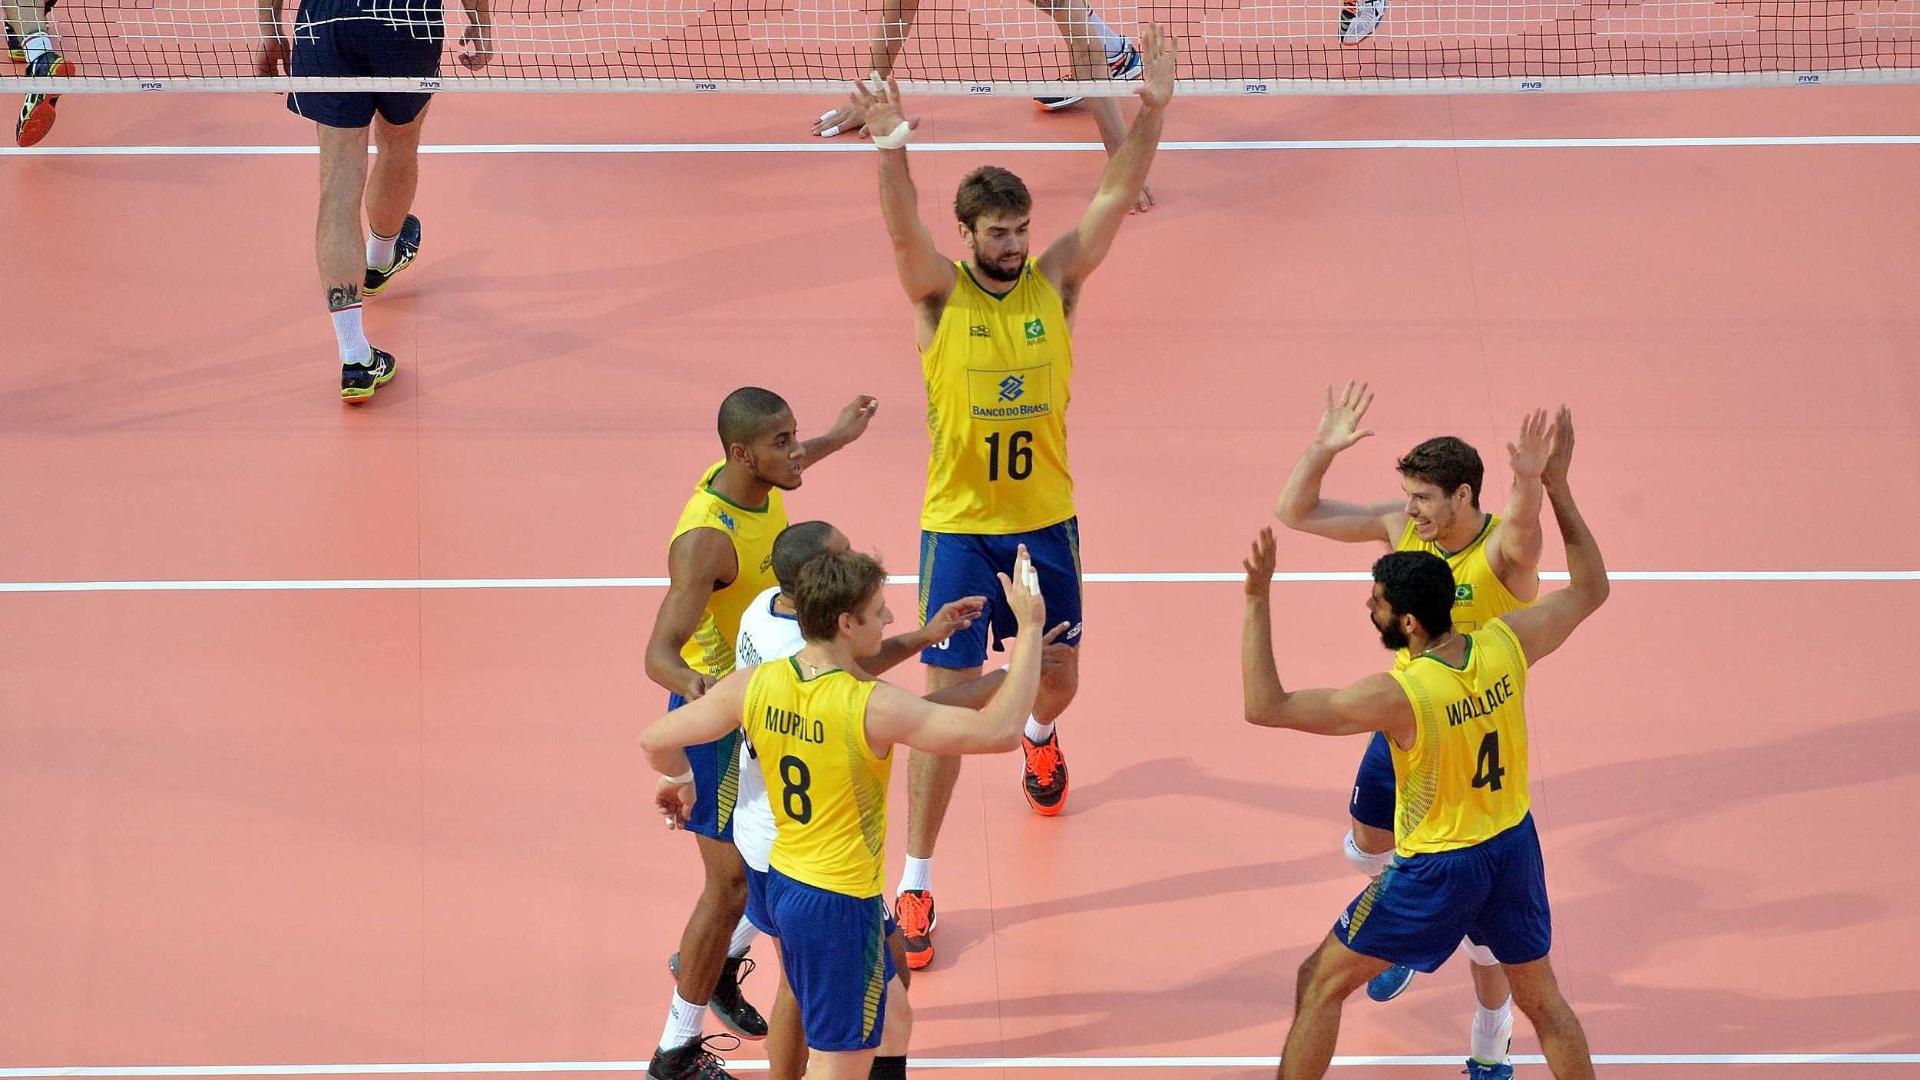 Jogadores brasileiros comemoram ponto contra os italianos